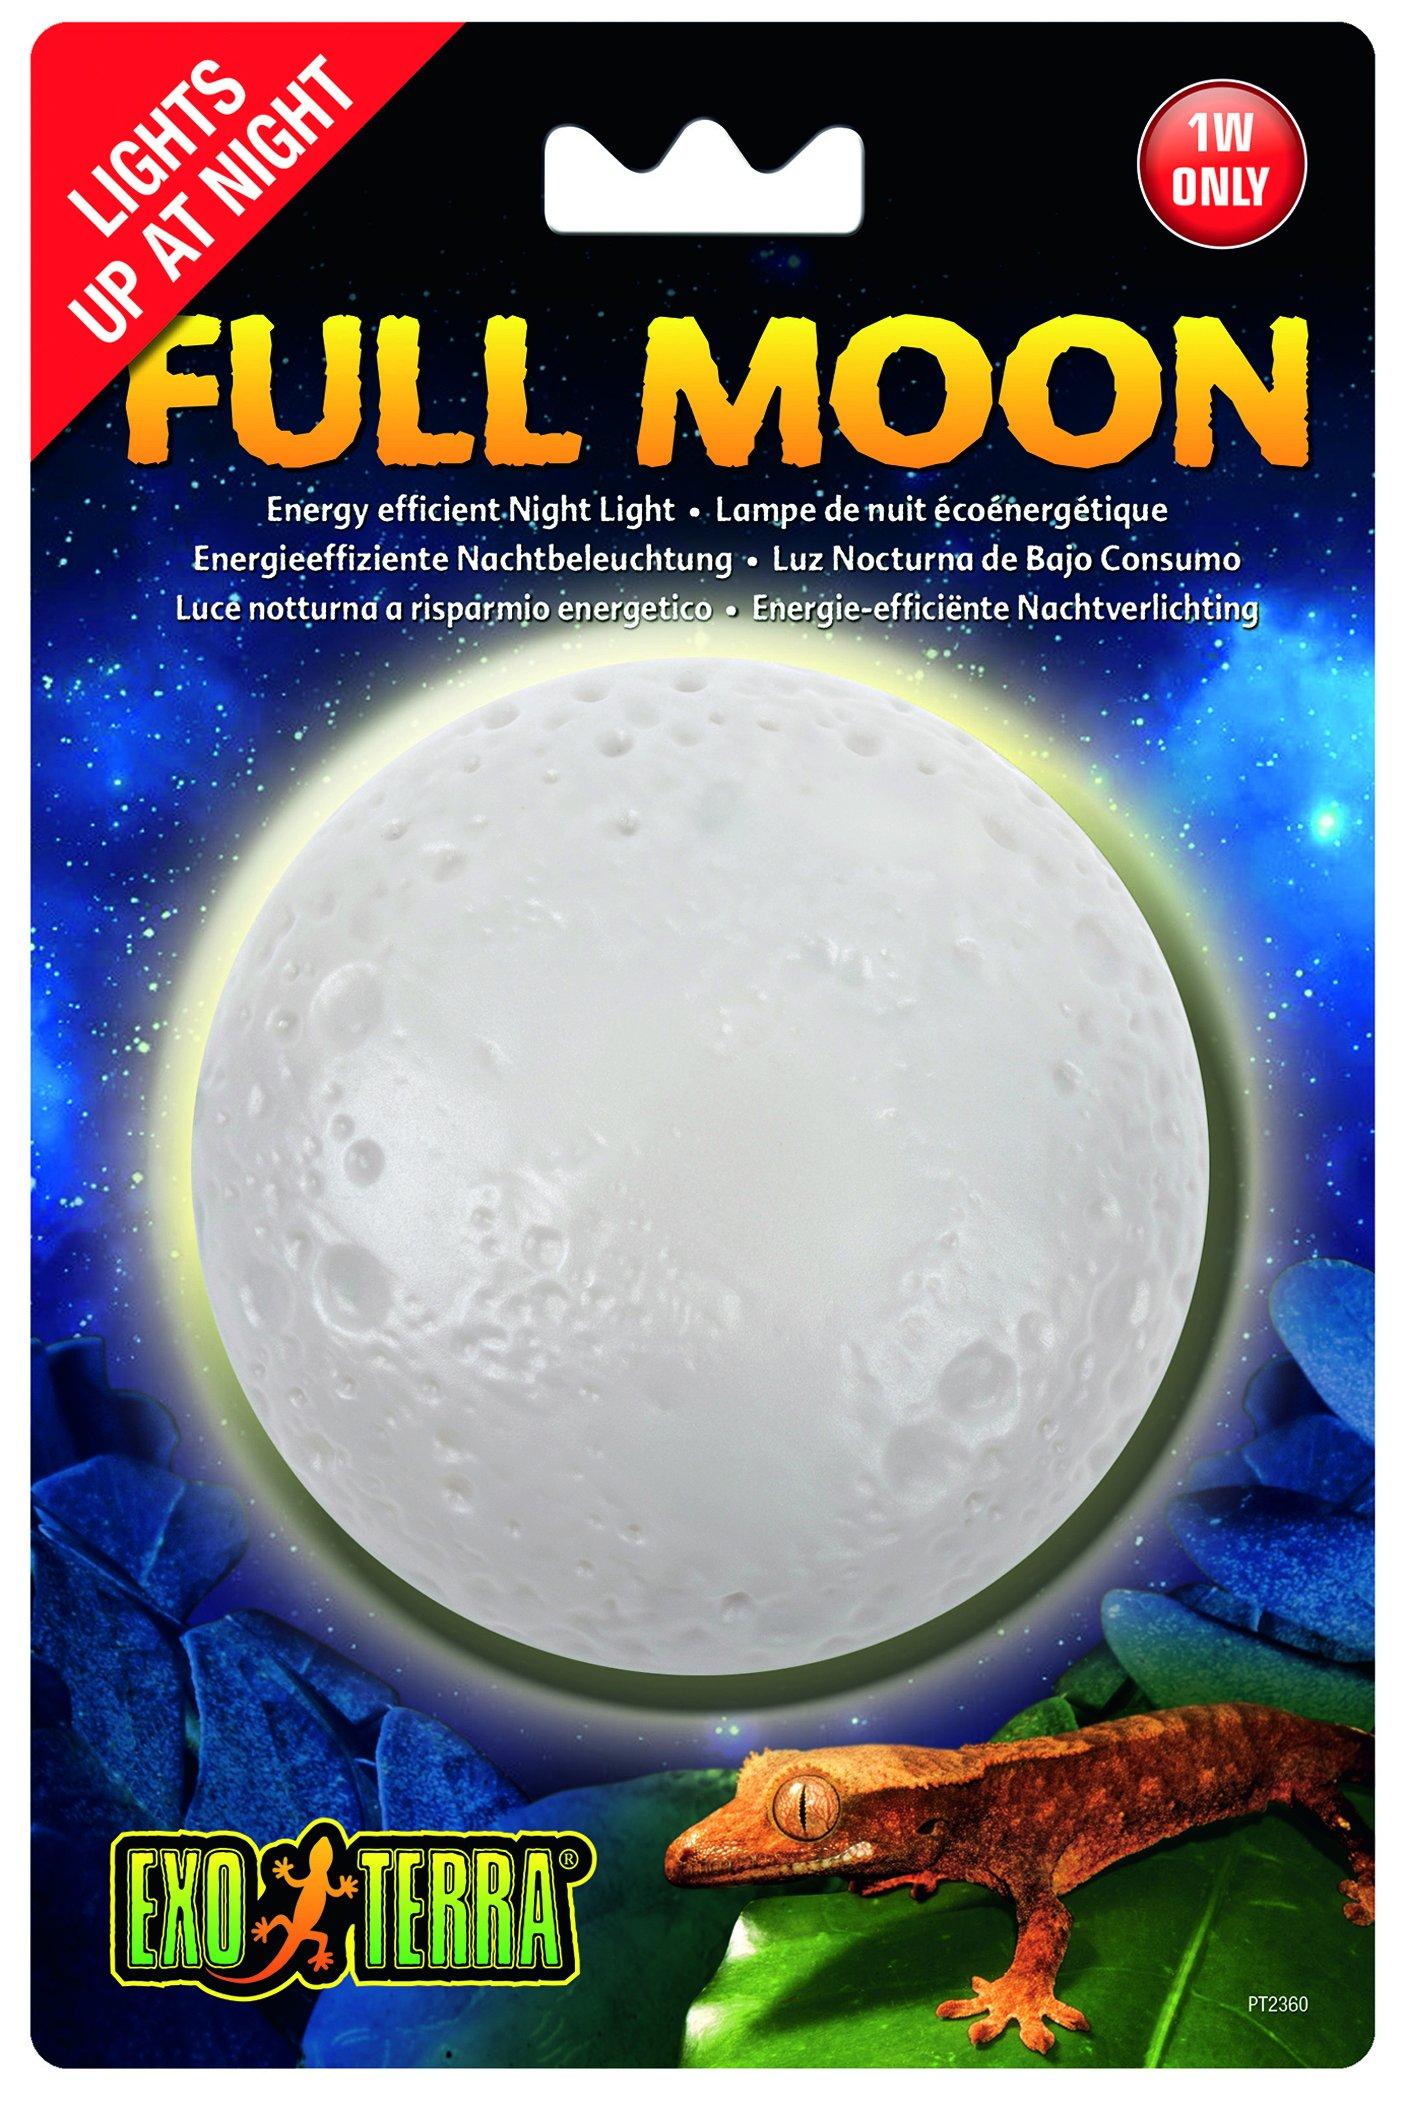 Exo Terra Full Moon Night Light, 1-watt